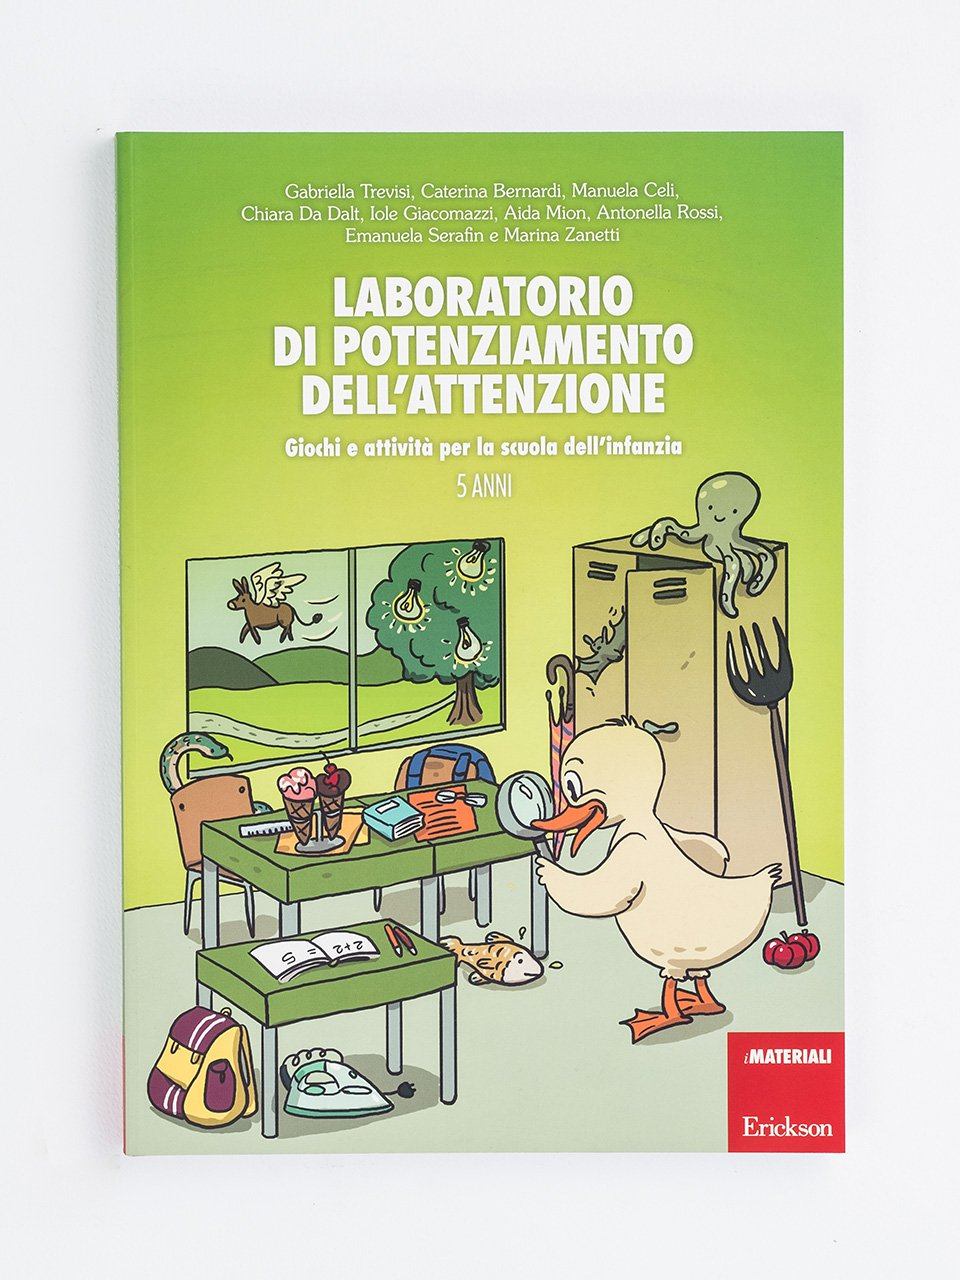 Laboratorio di potenziamento dell'attenzione - Libri - App e software - Erickson